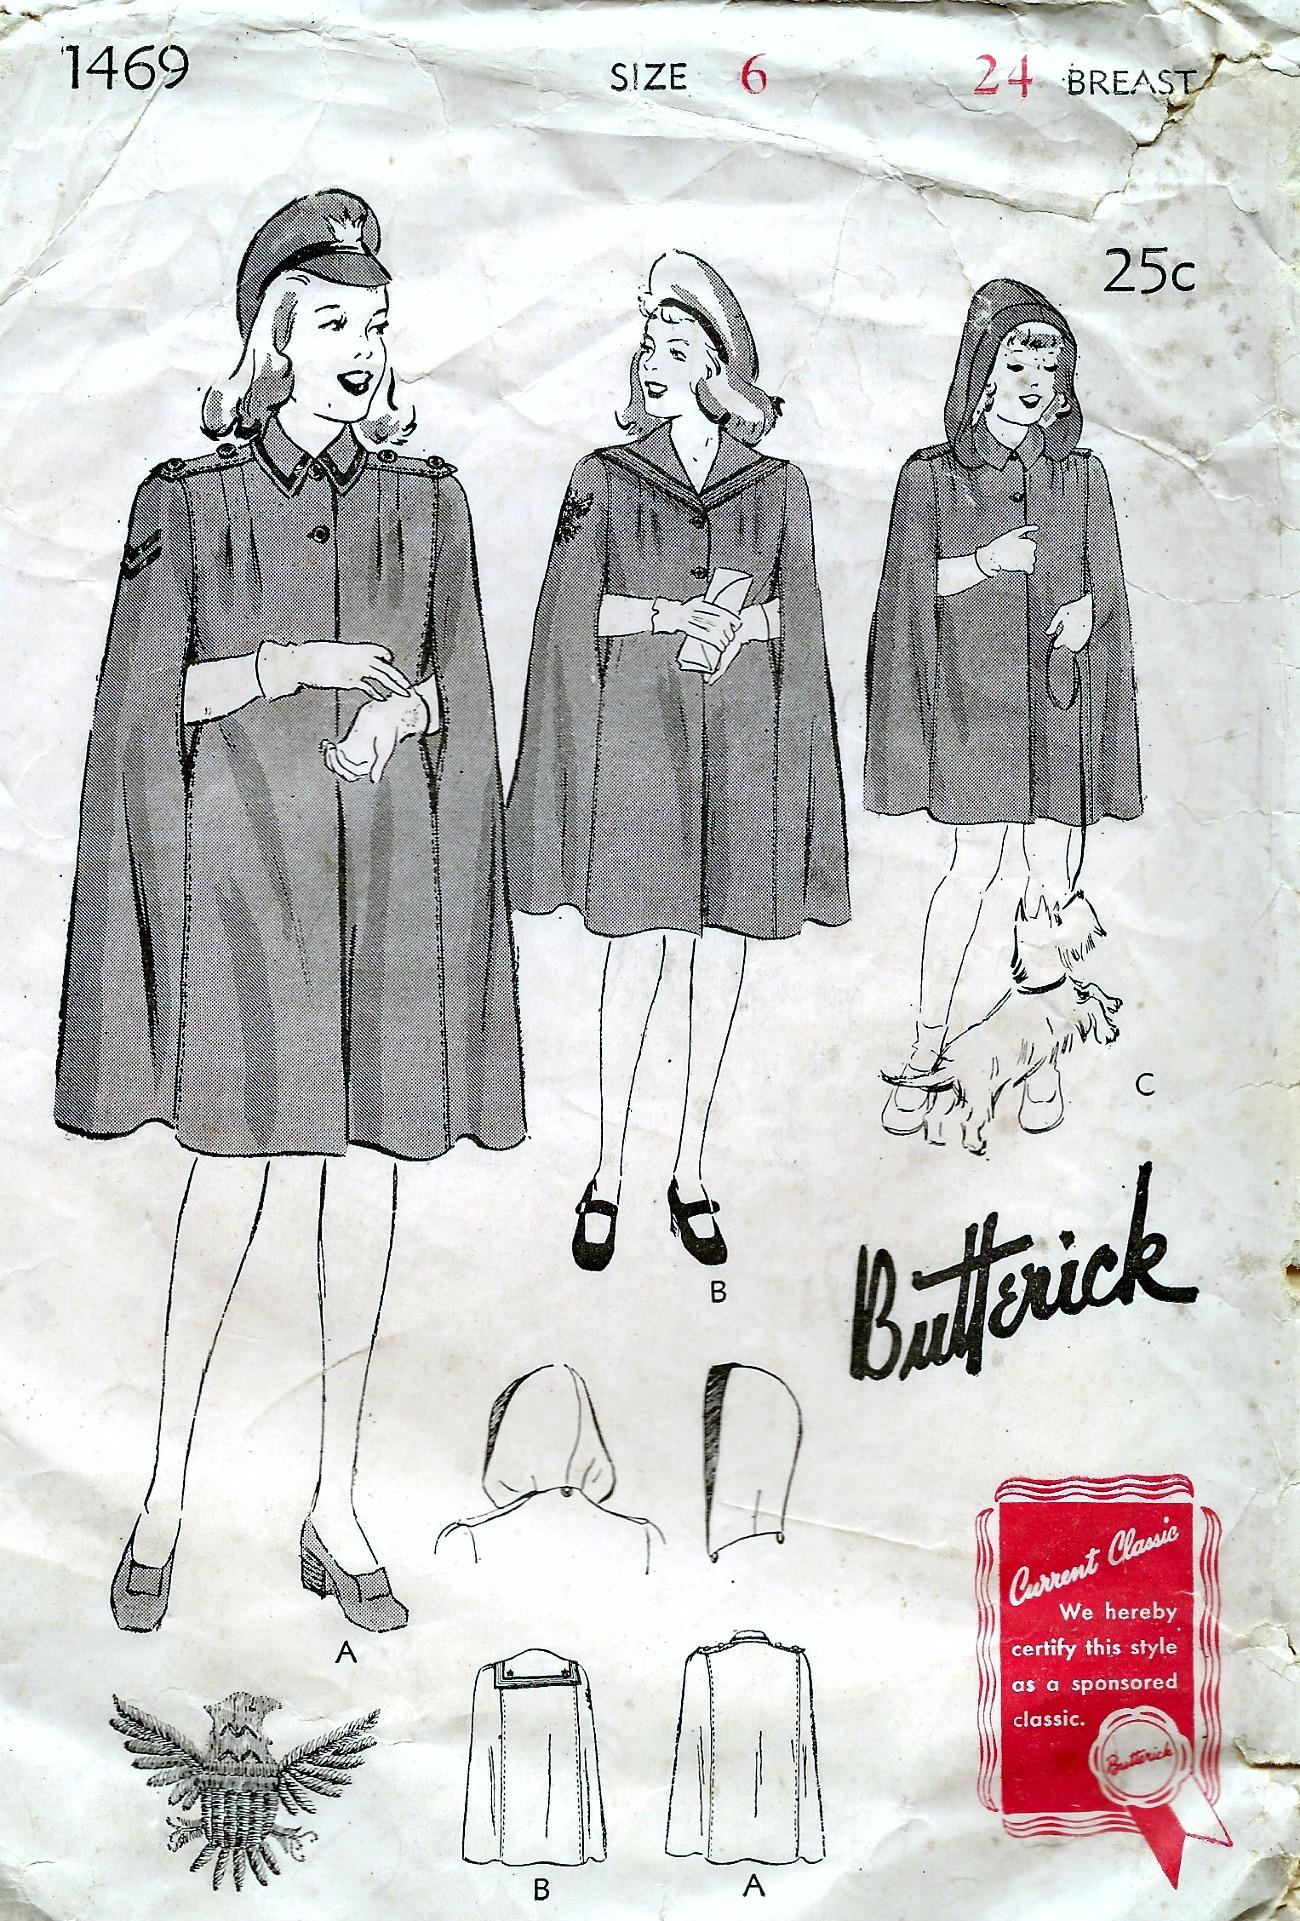 Butterick 1469